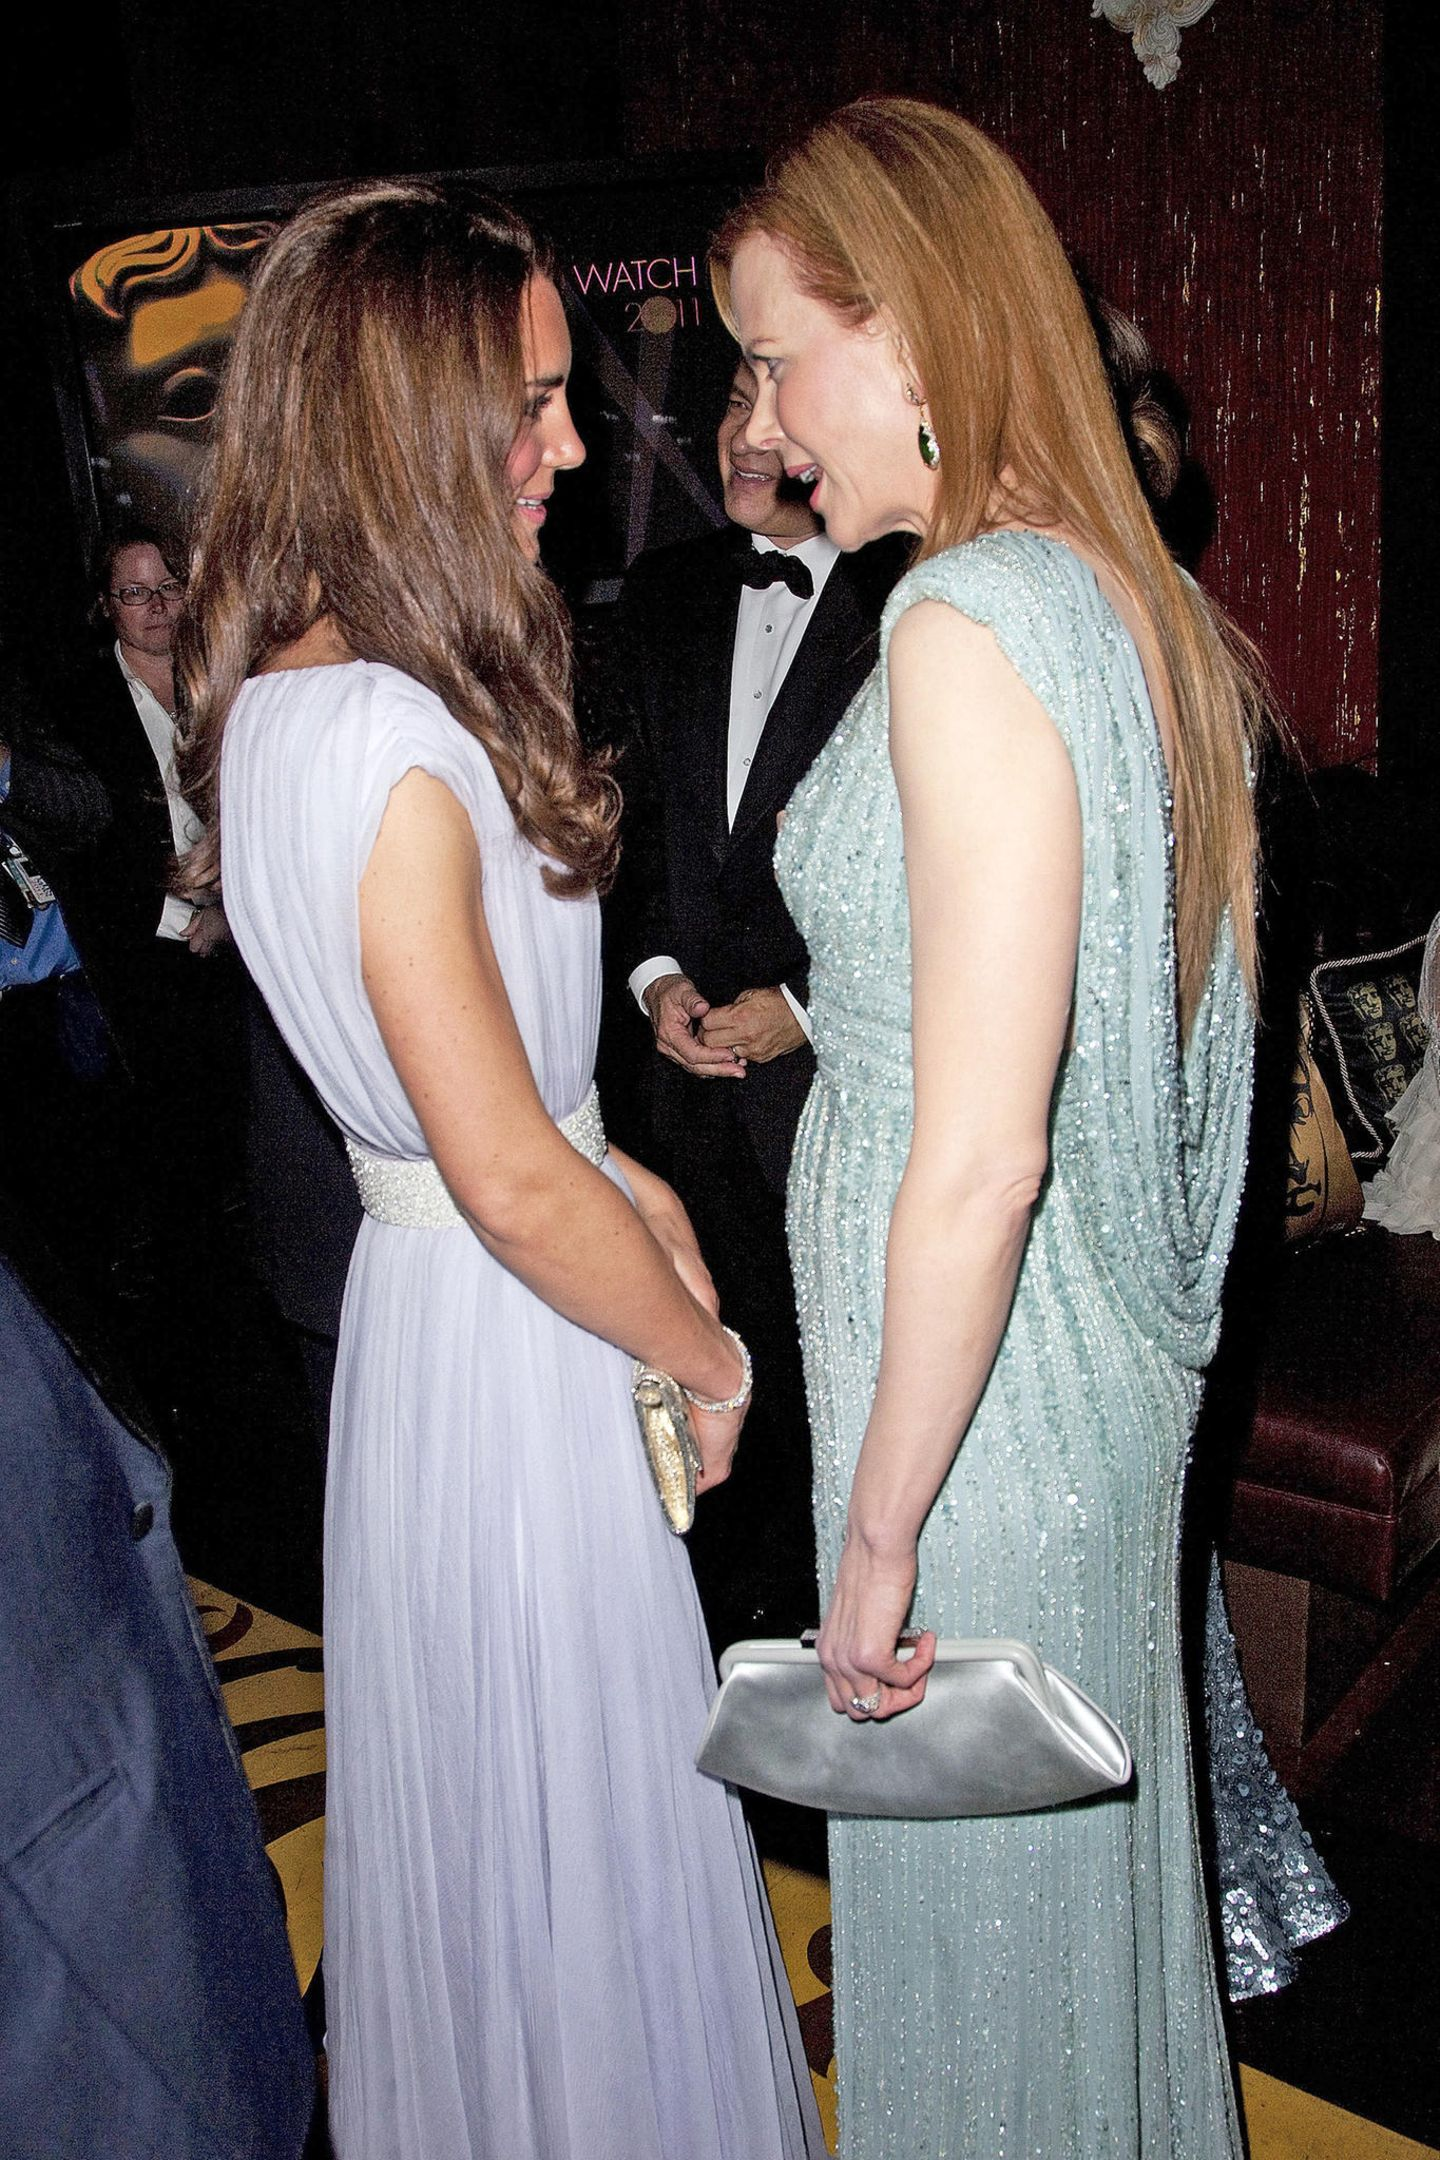 Bei den BAFTAs 2011 bezaubern sowohl Herzogin Catherine als auch Hollywood-Star Nicole Kidman in ihren pastellfarbenen Glamour-Looks.